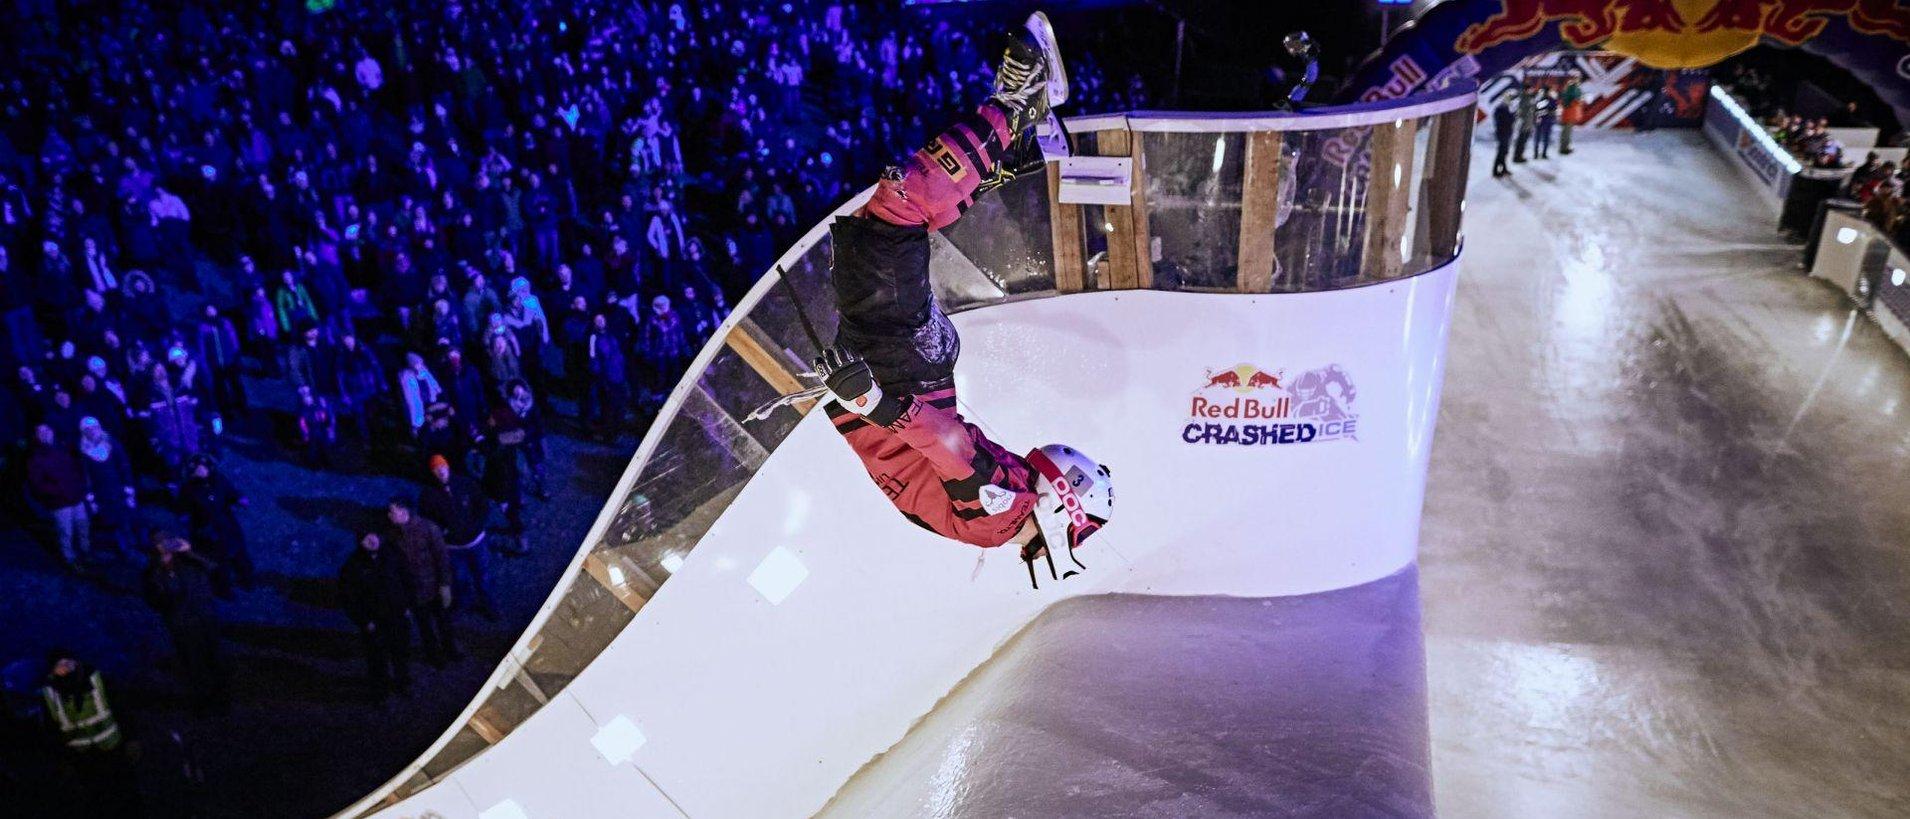 Tristan Dugerdil, d'Avoriaz, prend la 2ème place du Ice Challenge à La Sarre